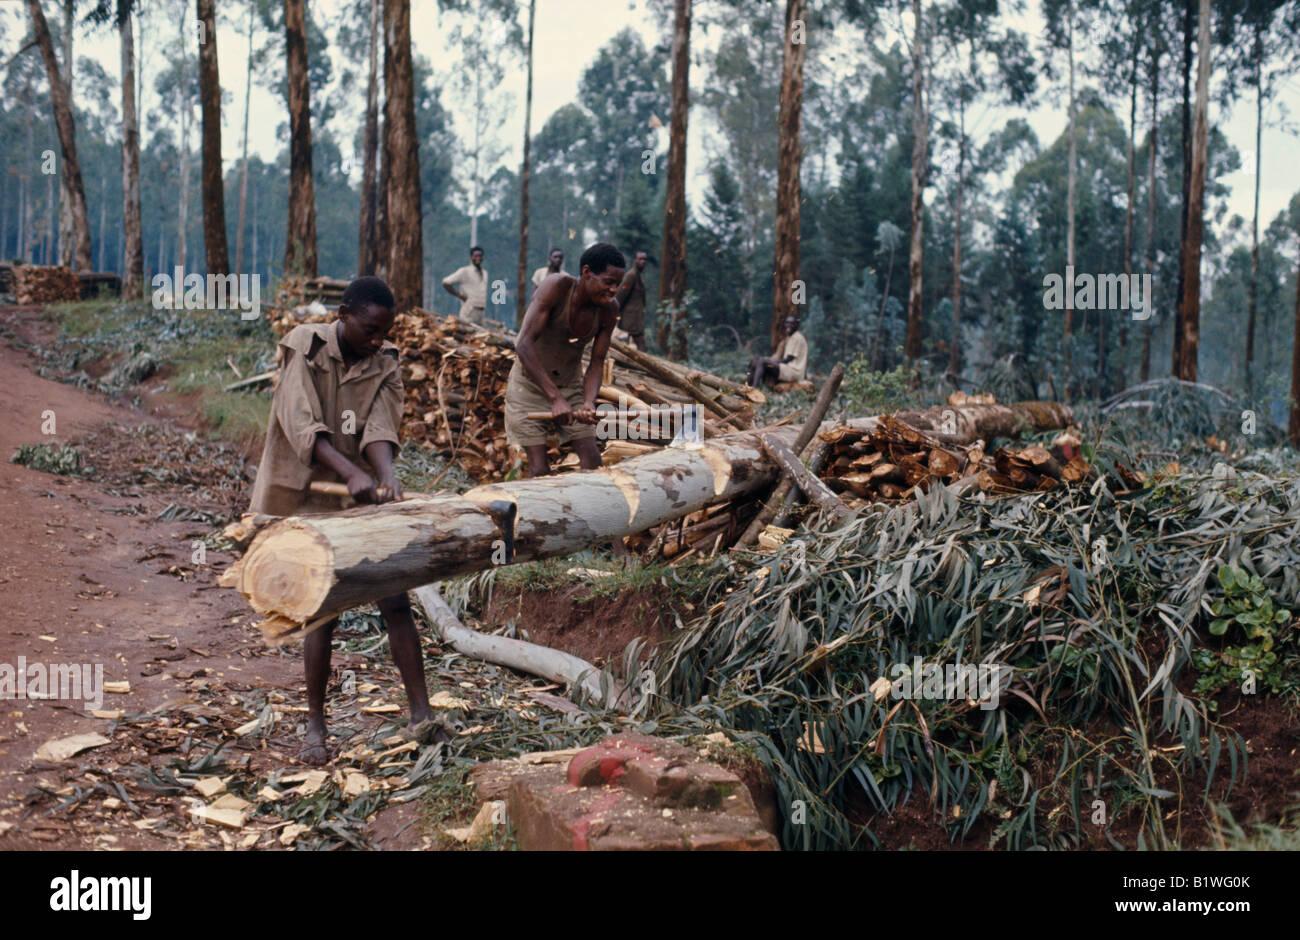 África Oriental Central de Rwanda medio ambiente Deforestación tala de árboles hombres talando árboles Imagen De Stock